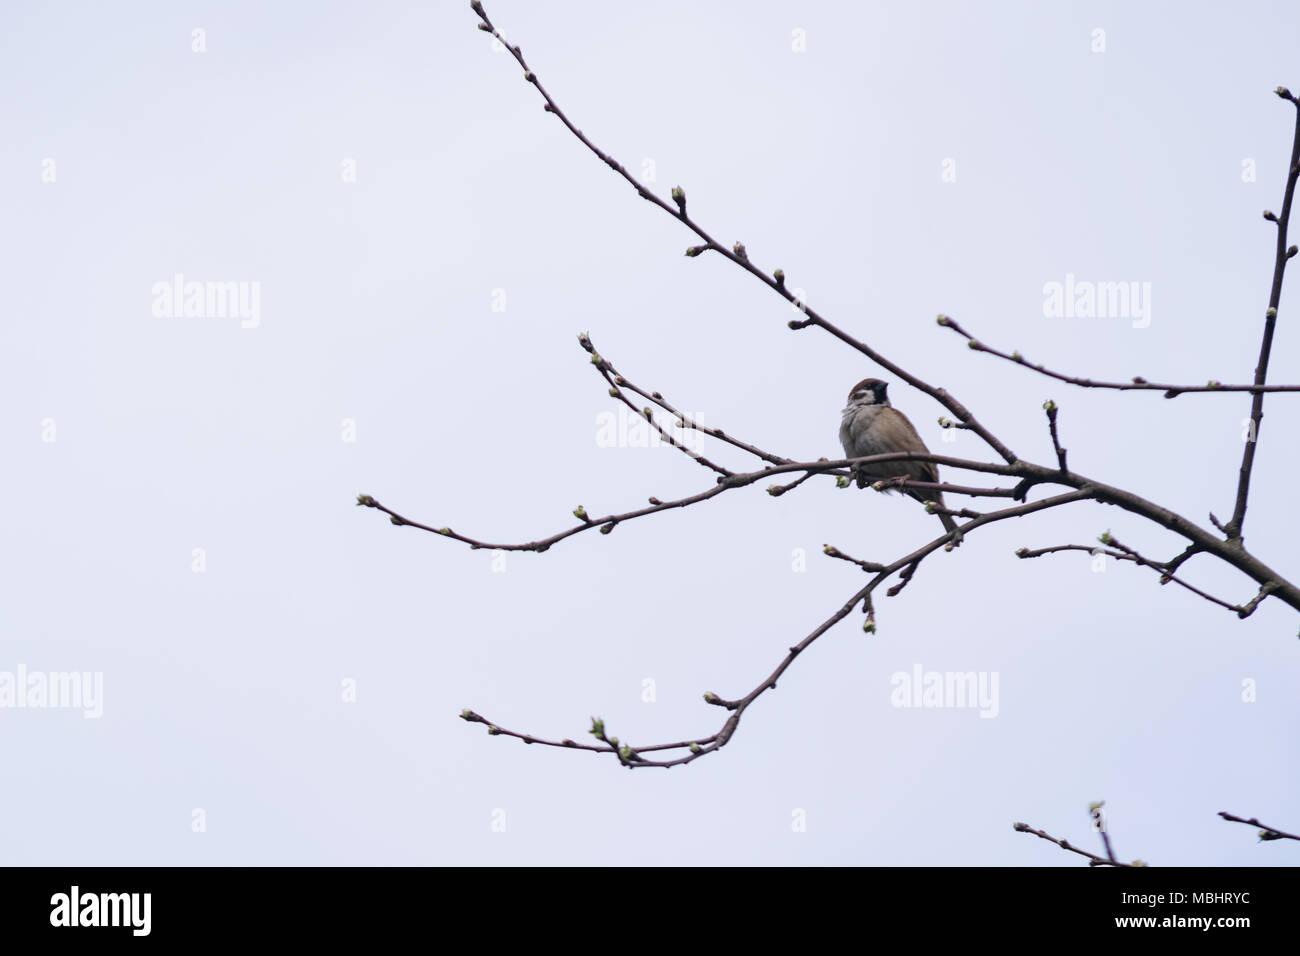 Polonia, Głębowice, 11 Abr 2018. Gorrión doméstico (Passer domesticus). El gorrión en Polonia la población se estima en 5,7 - 6,9 millones de pares. Representa casi 4 partes de la población europea. En los años 80 del siglo anterior, era 3 veces más que hoy. 20 de marzo celebramos el Día Internacional de Sparrow. Crédito: w124merc / Alamy Live News Foto de stock